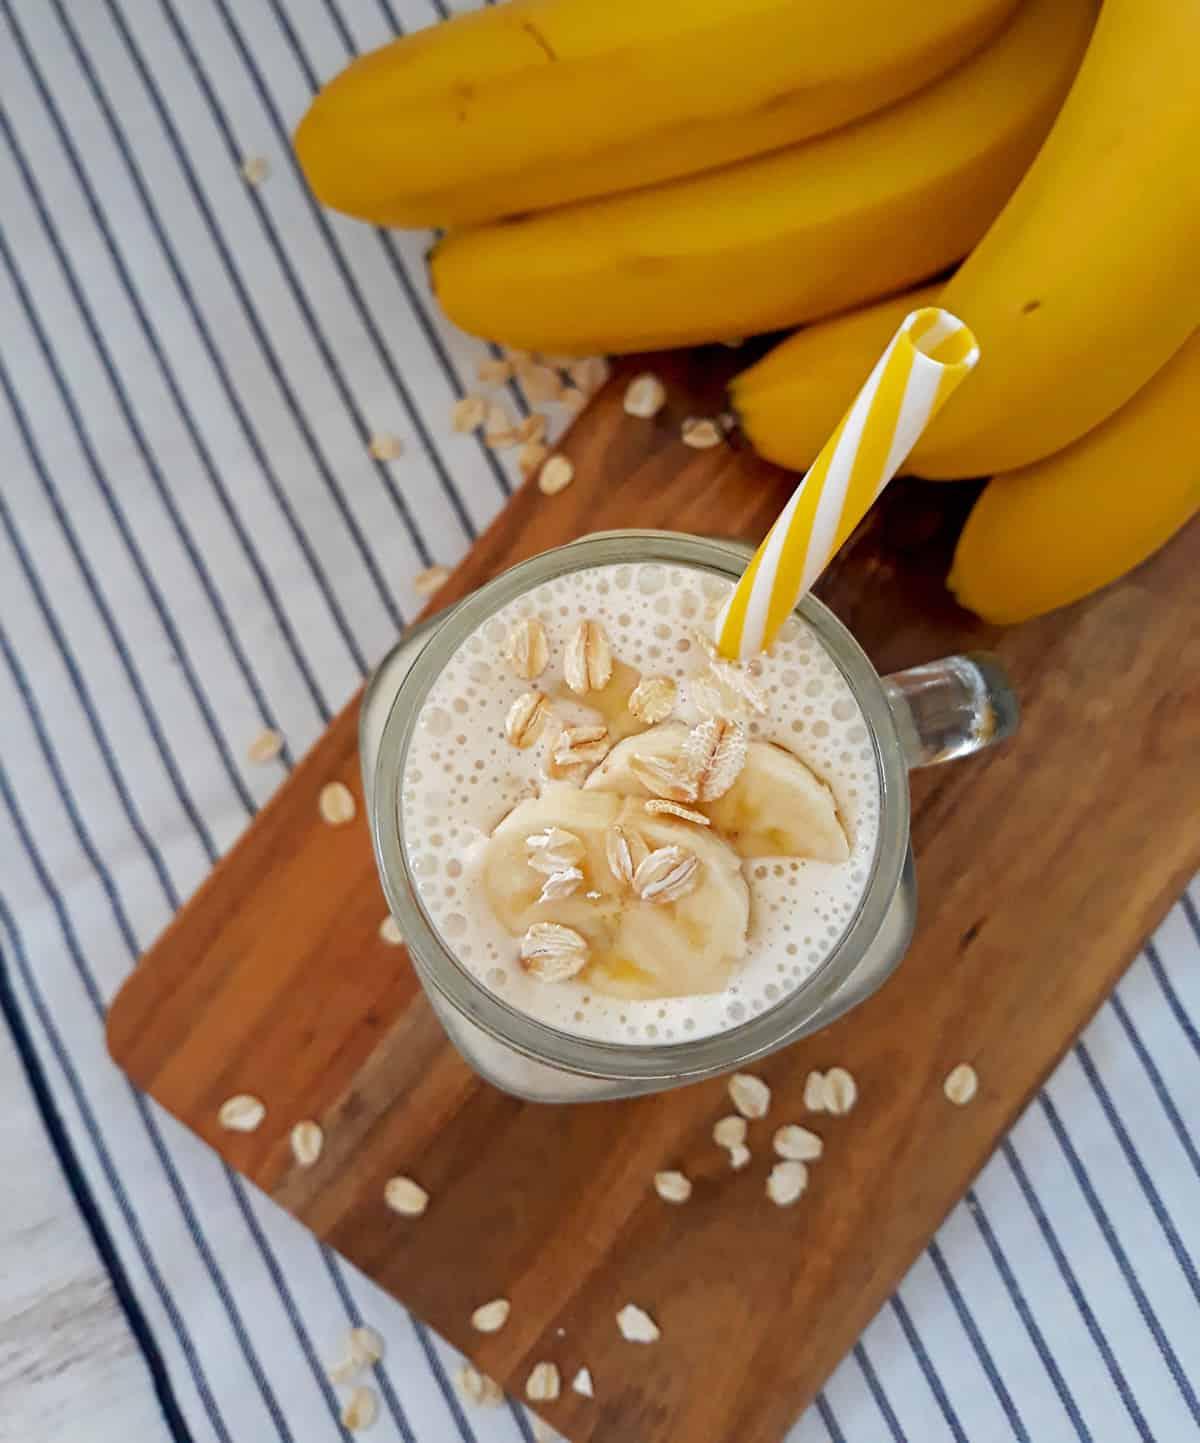 smoothie de banana con un pitillo amarillo y blanco y bananas frescas